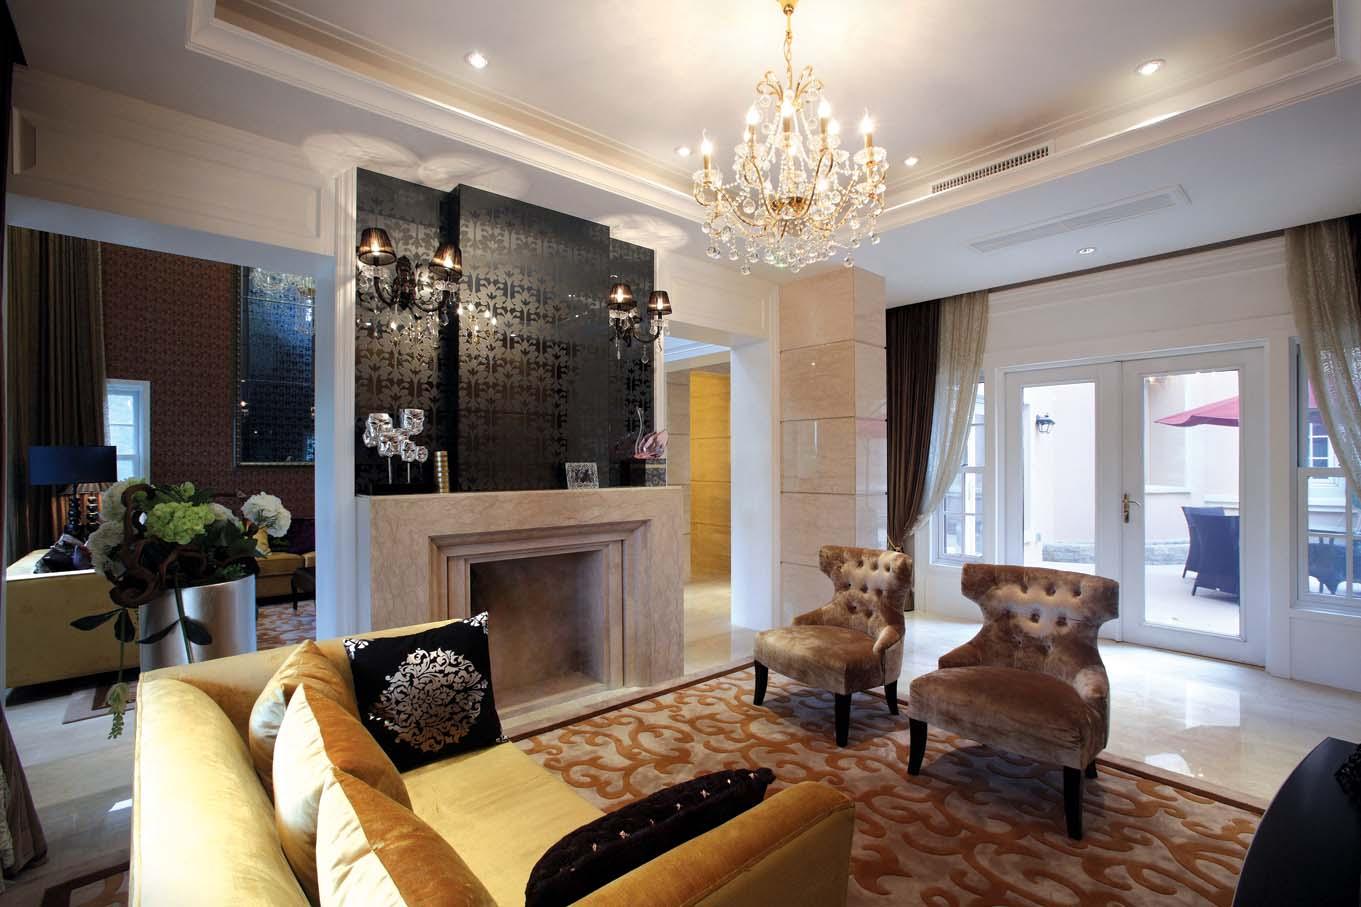 欧式 别墅装修 别墅设计 棕榈高尔夫 奥邦装饰 张文作品 客厅图片来自上海奥邦装饰在上海棕榈高尔夫别墅样板间装修的分享